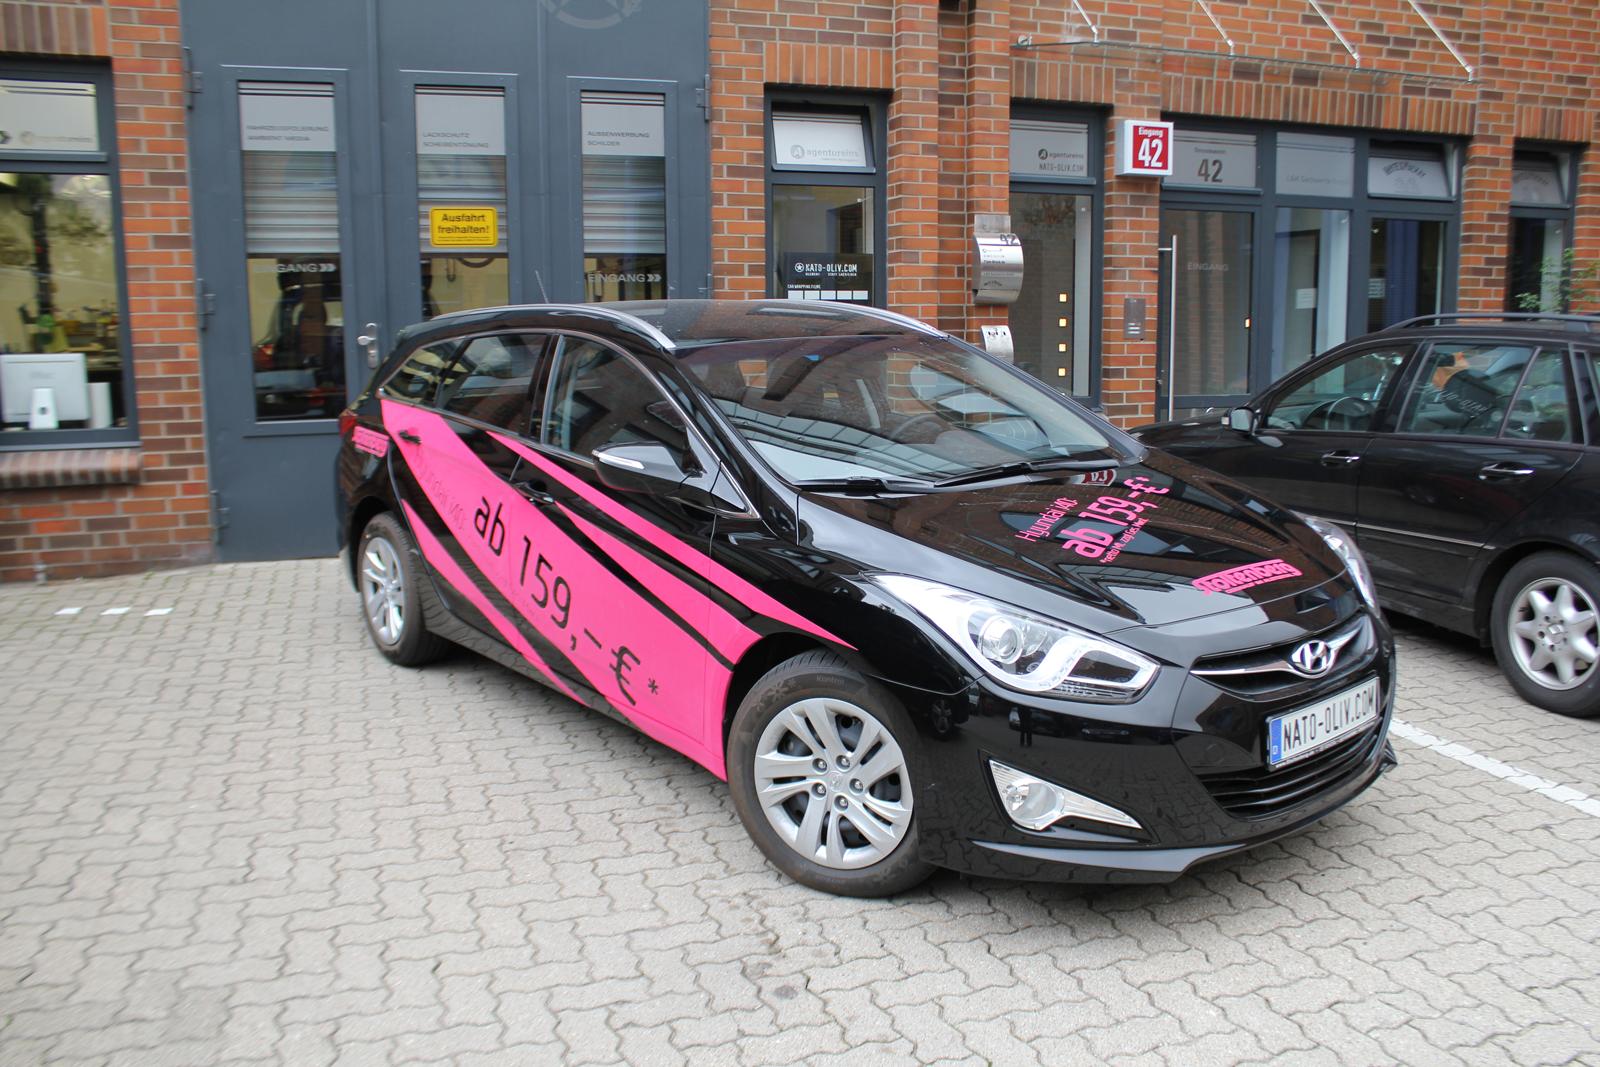 schraege Seitenansicht des mit Samt-Pink-Folie beschrifteten Hyundai i40